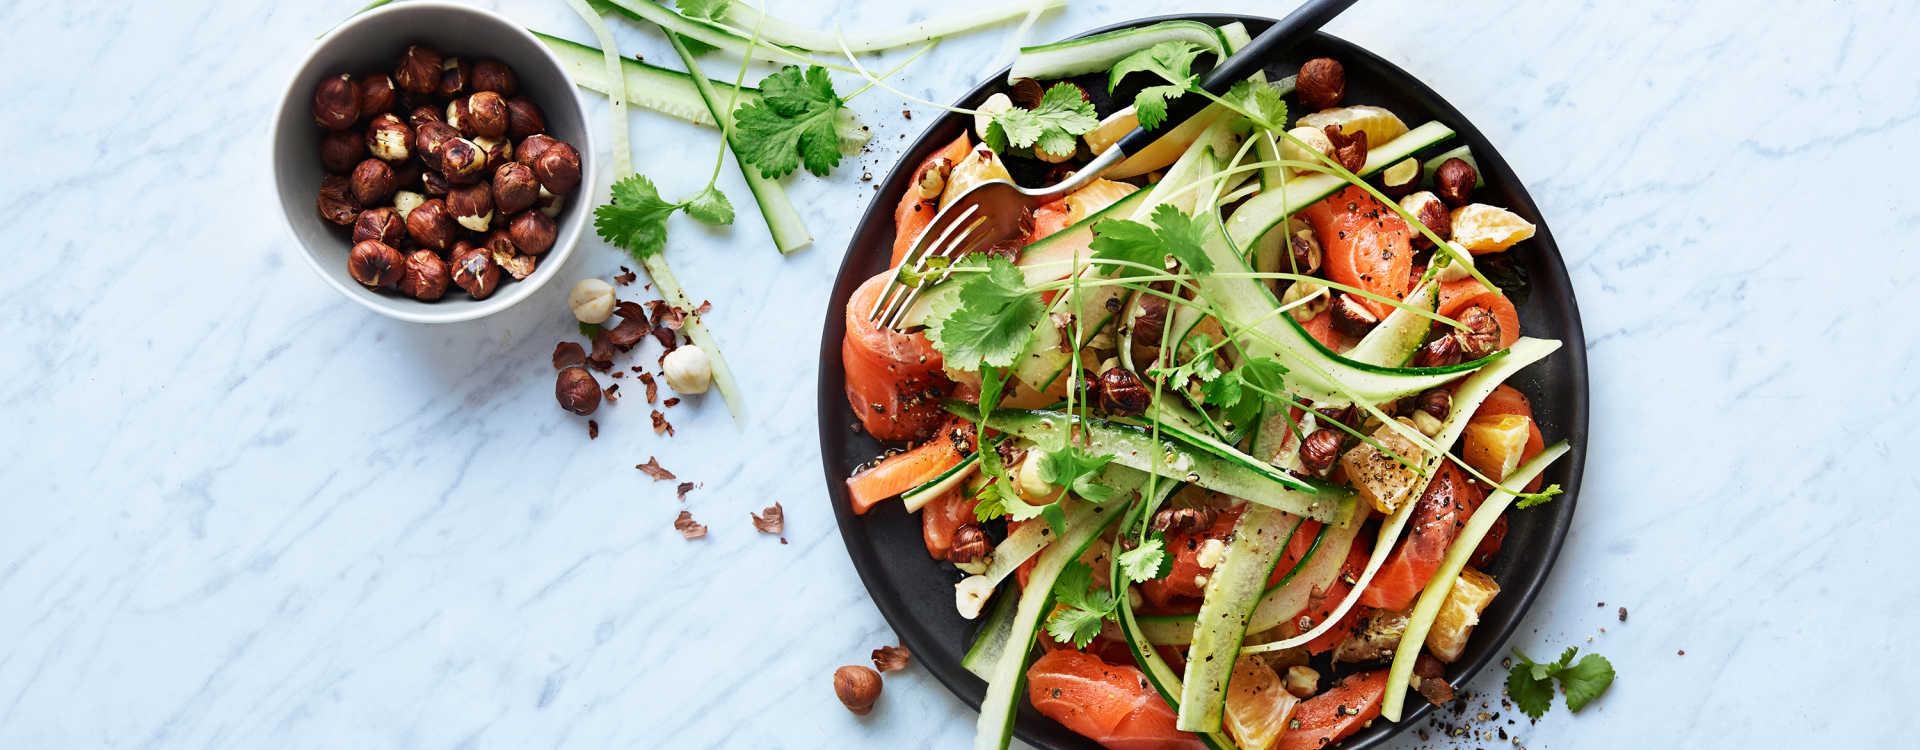 Lakse- og klementinsalat med koriander og hasselnøtter